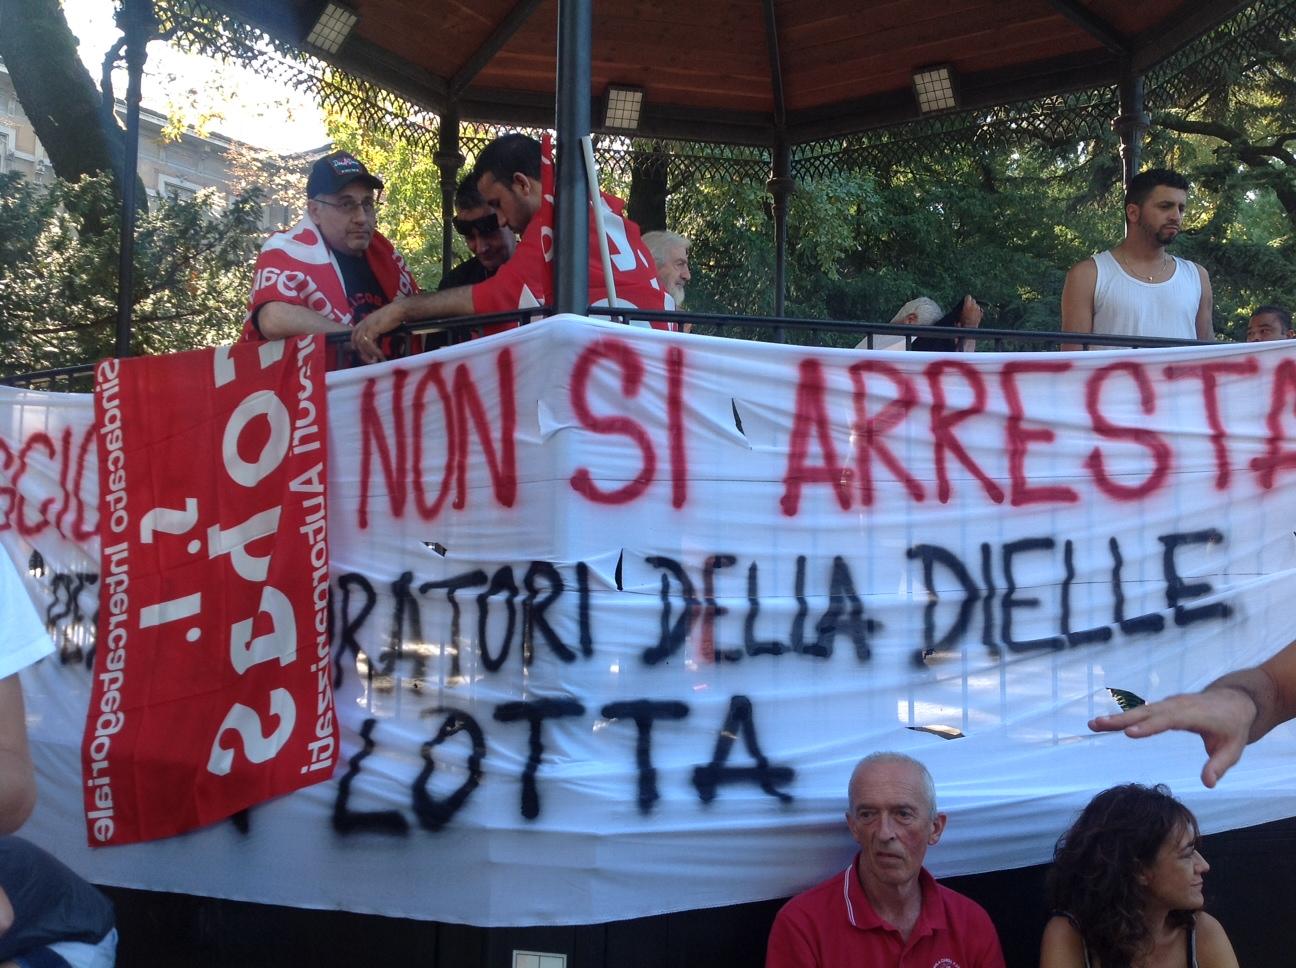 La protesta dei facchini: 800 manifestanti ai giardini Margherita